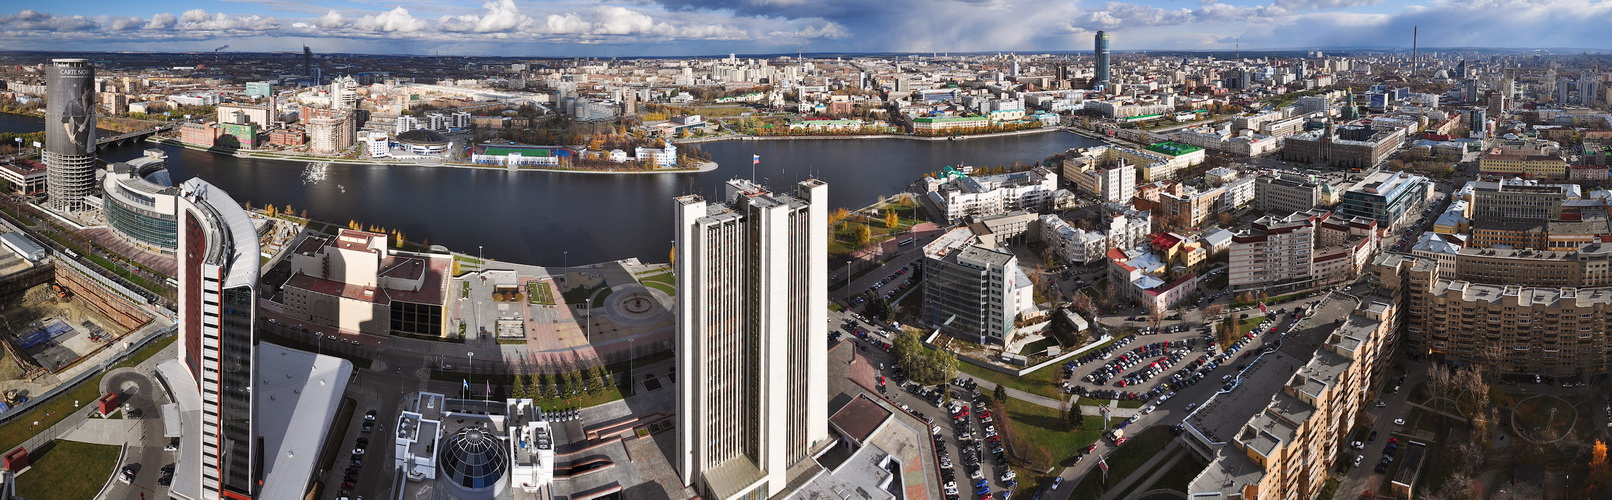 1398401652_main_ekaterinburg-s-vysoty-zhk-fevralskaya-revolyuciya-140m-42et-2010_3421